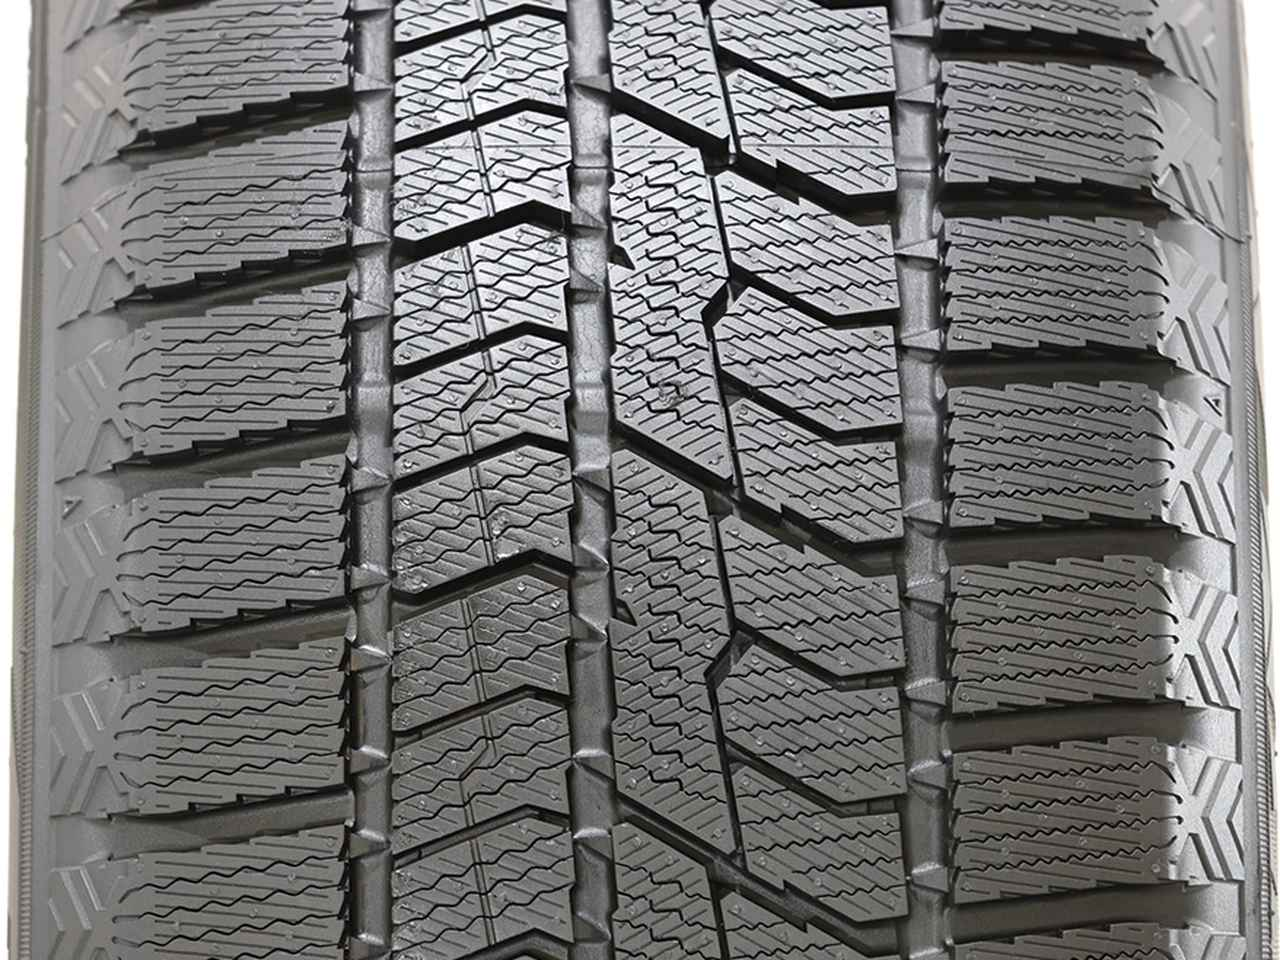 画像: スタッドレスタイヤのトレッドパターン内で、機能を分担させる非対称パターンを採用している。